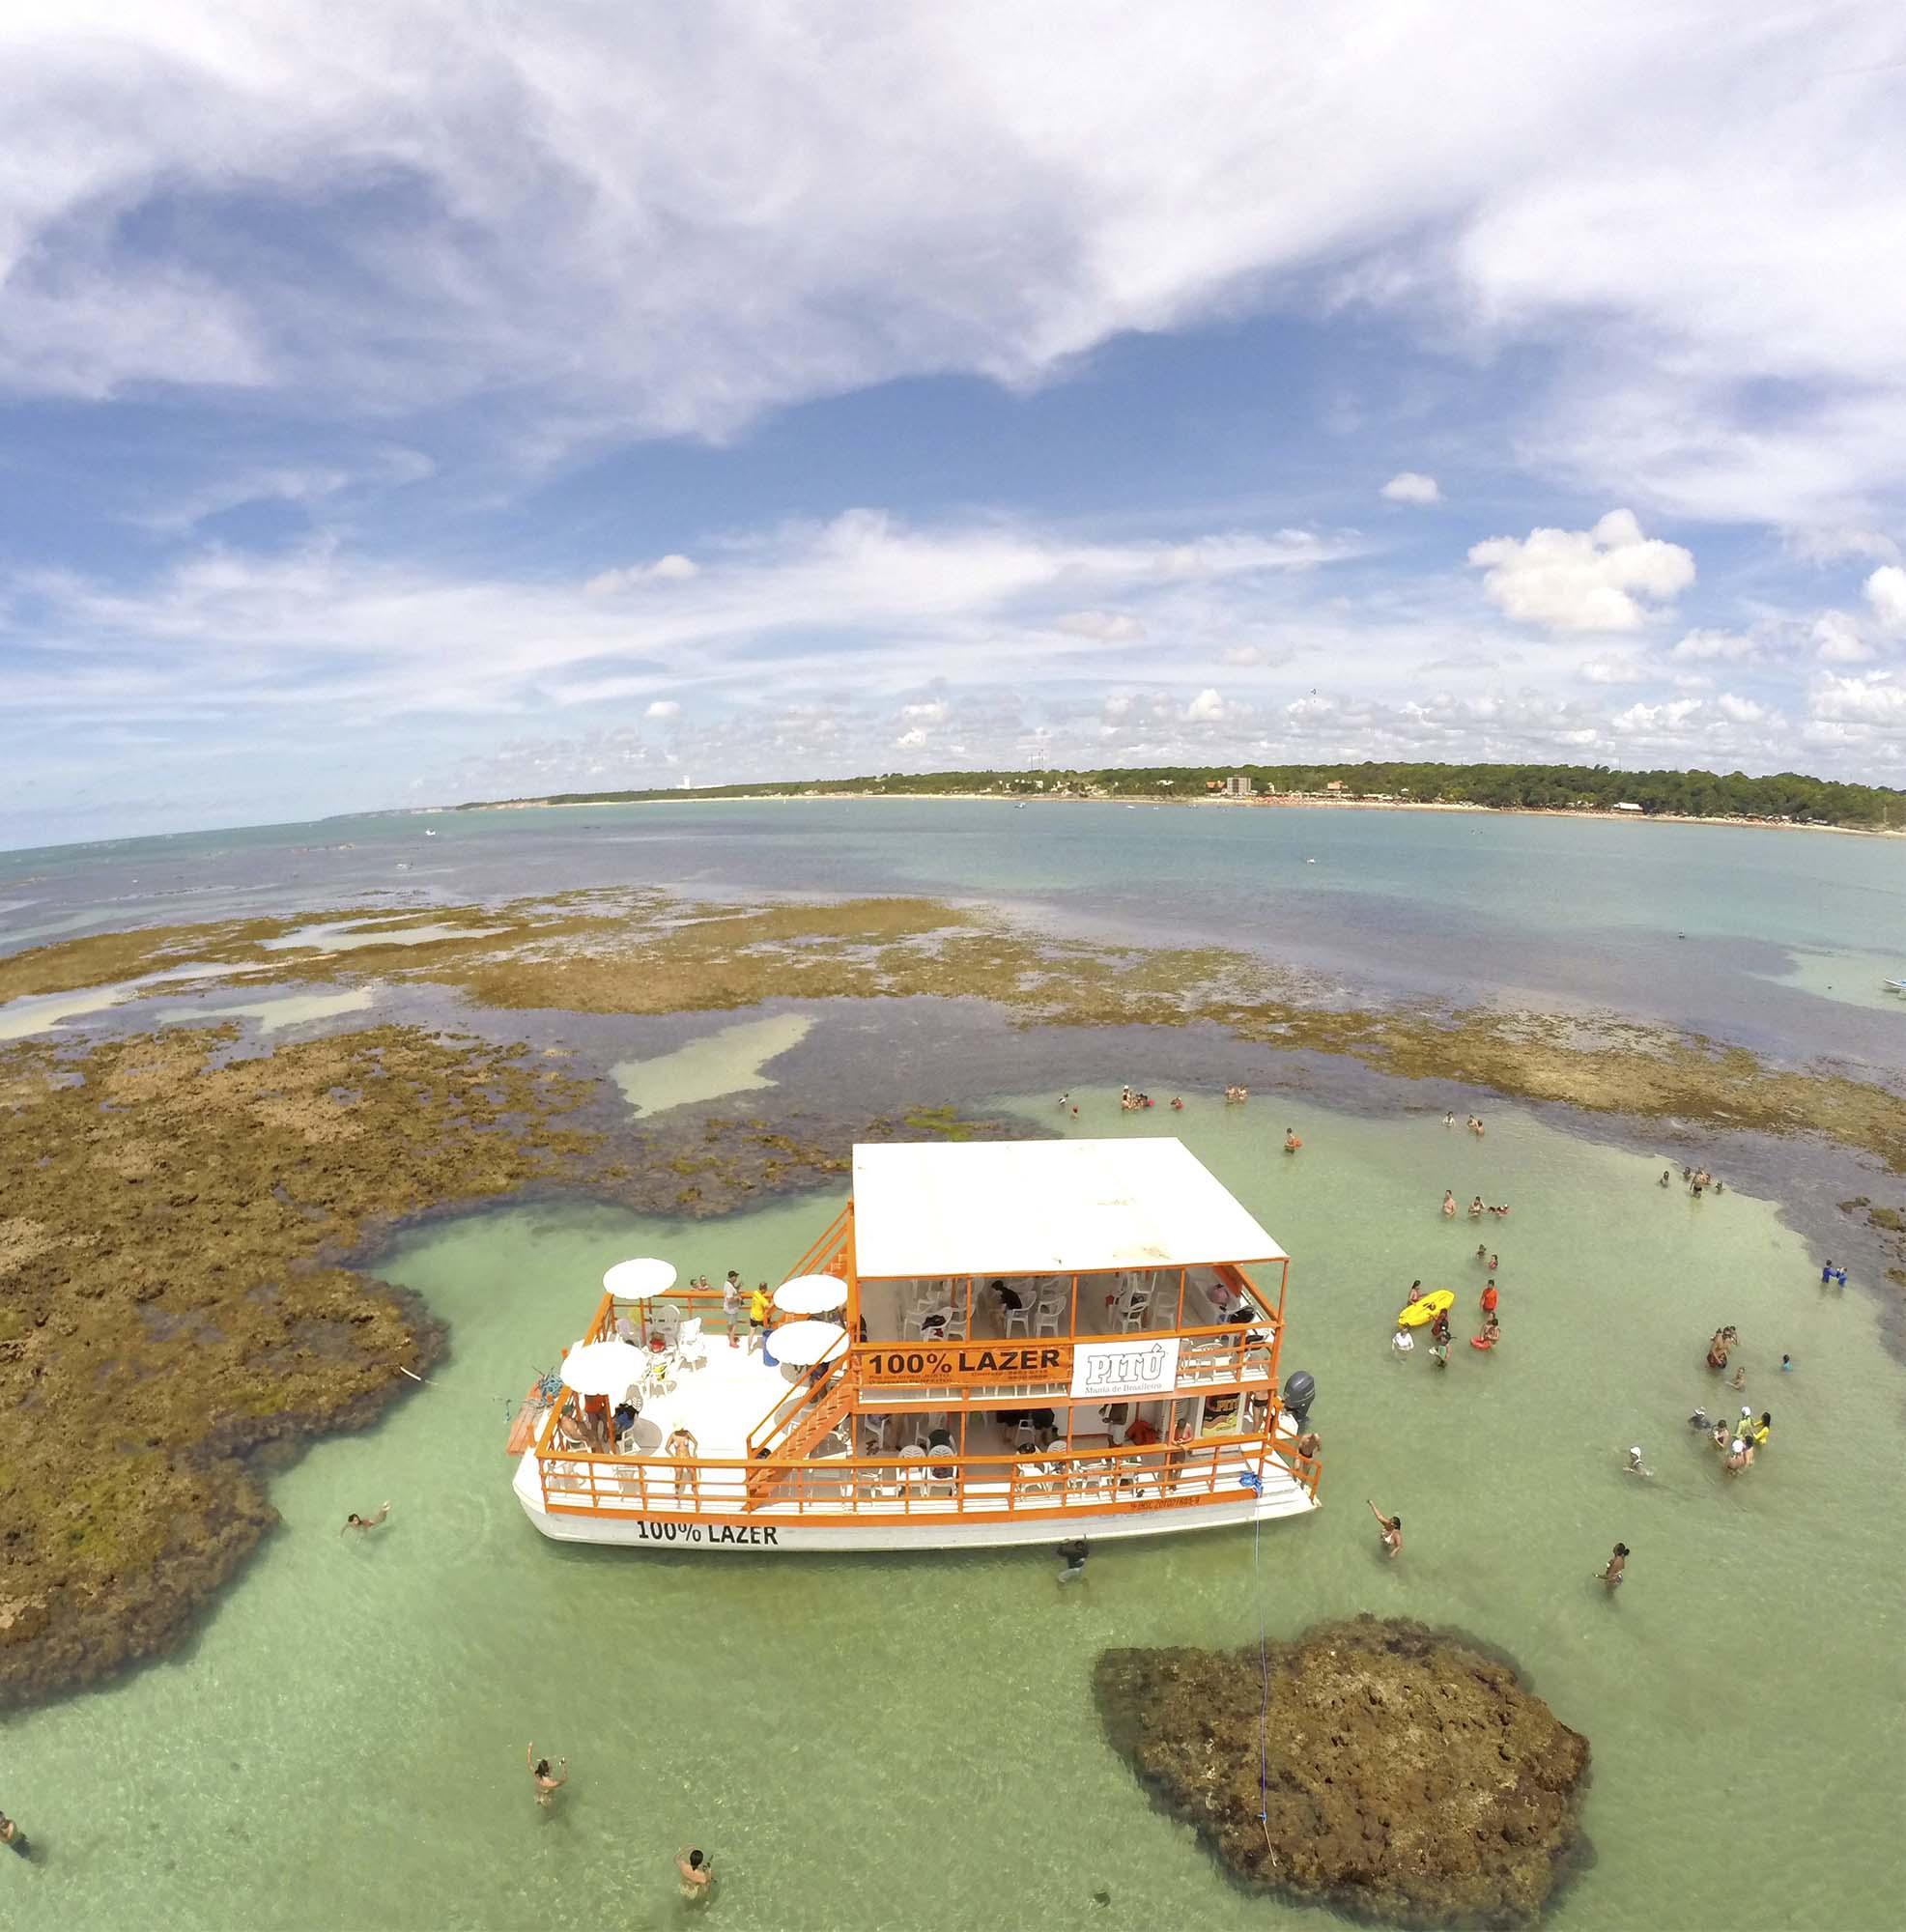 Passeio para Piscinas do Seixas de Catamarã - João Pessoa, PB